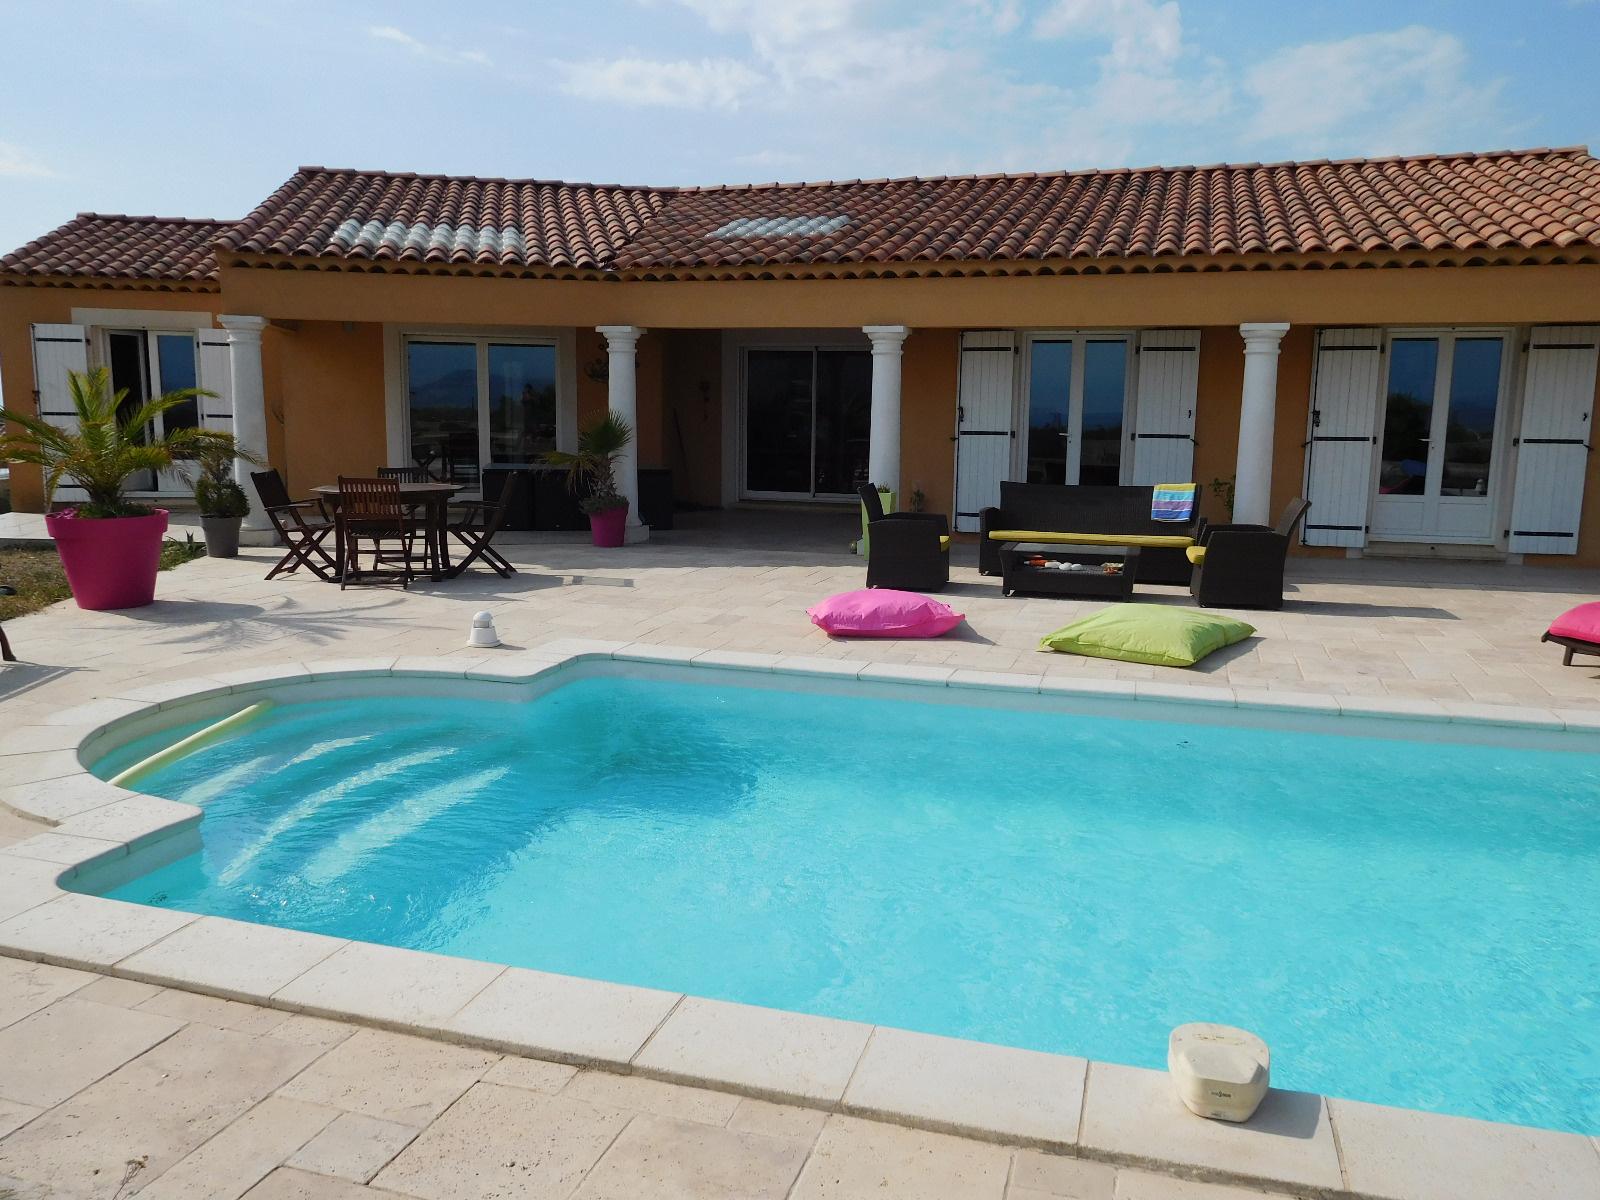 Offres de vente Maison / Villa Les cadeneaux 13170